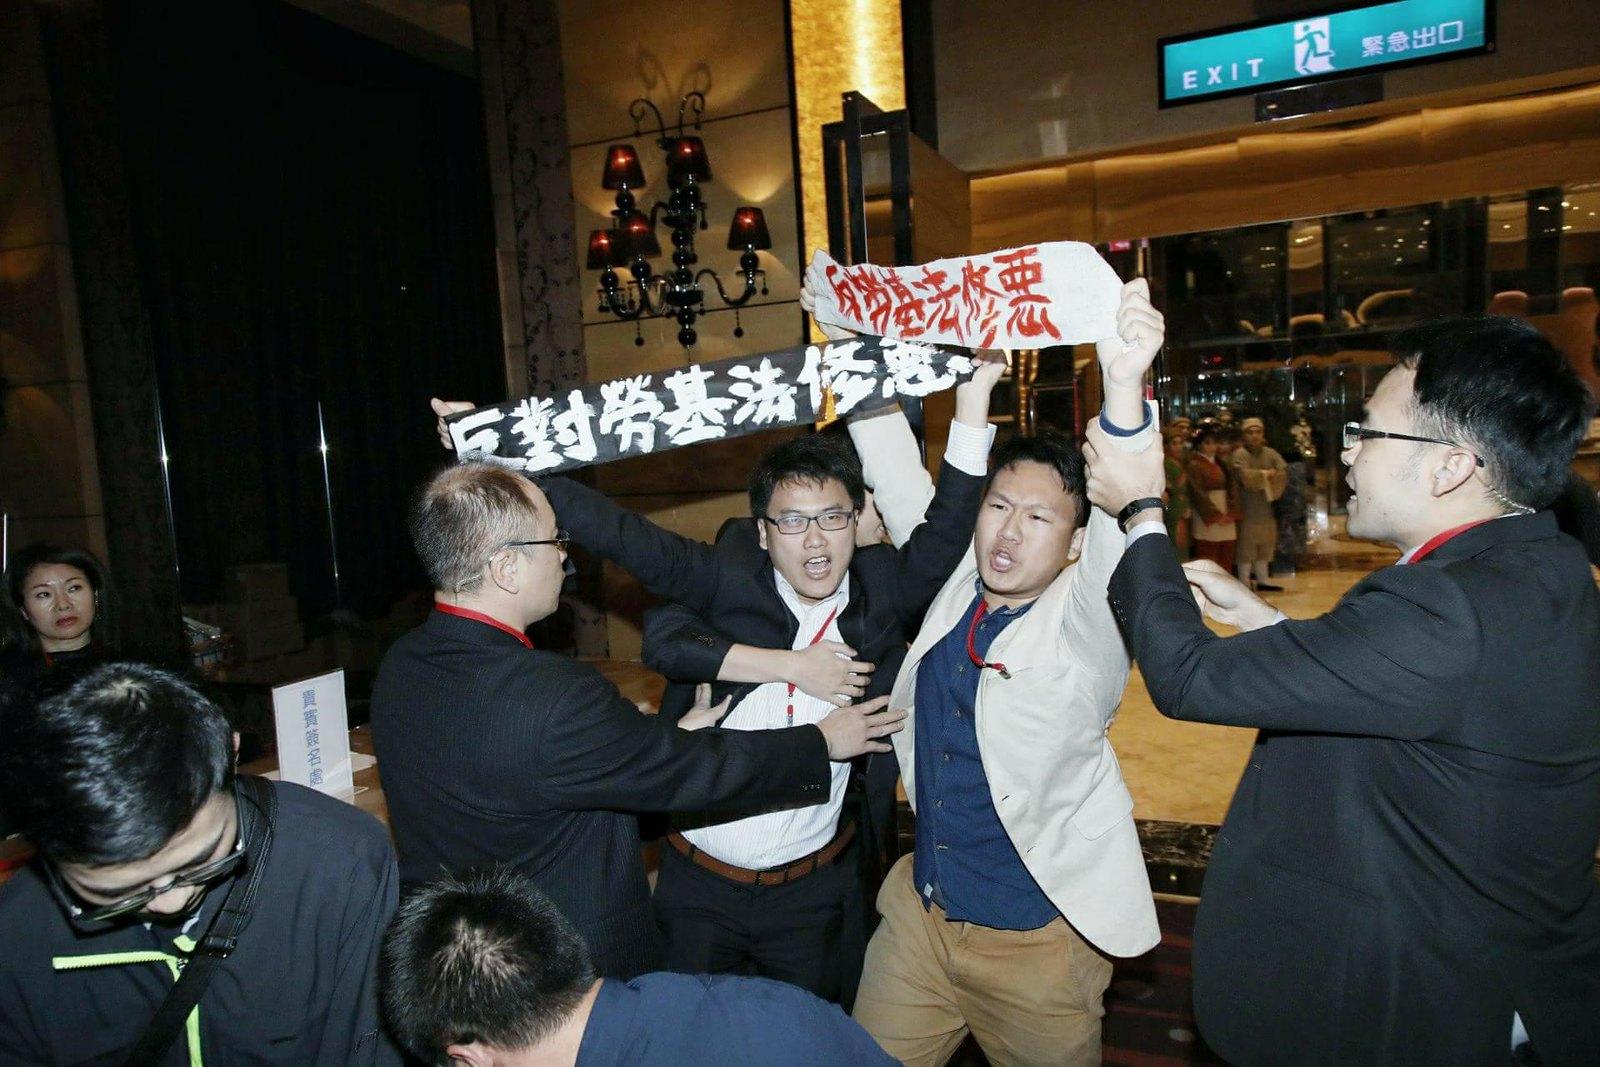 勞團與青年突襲賴清德與工商團體的餐會。(照片由工鬥提供/攝影:許詩愷)